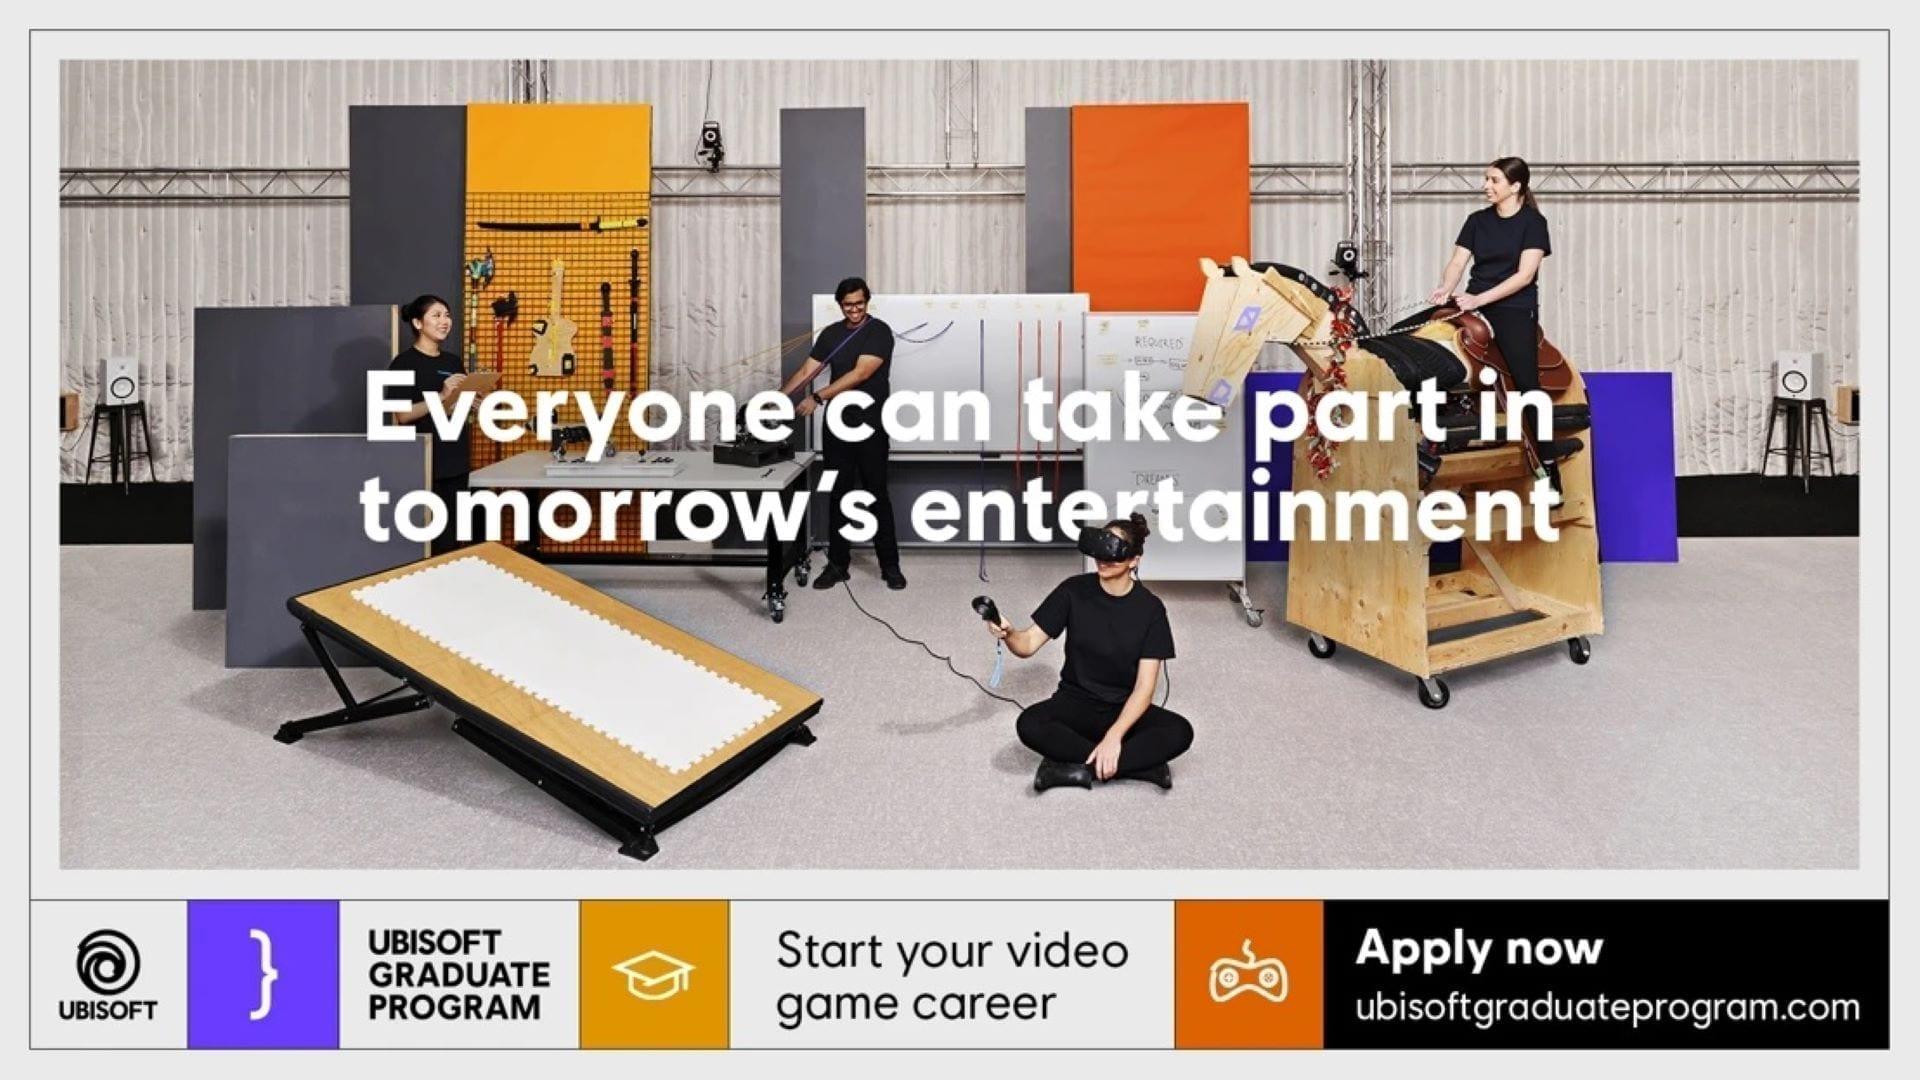 Ubisoft Graduate Program 2021